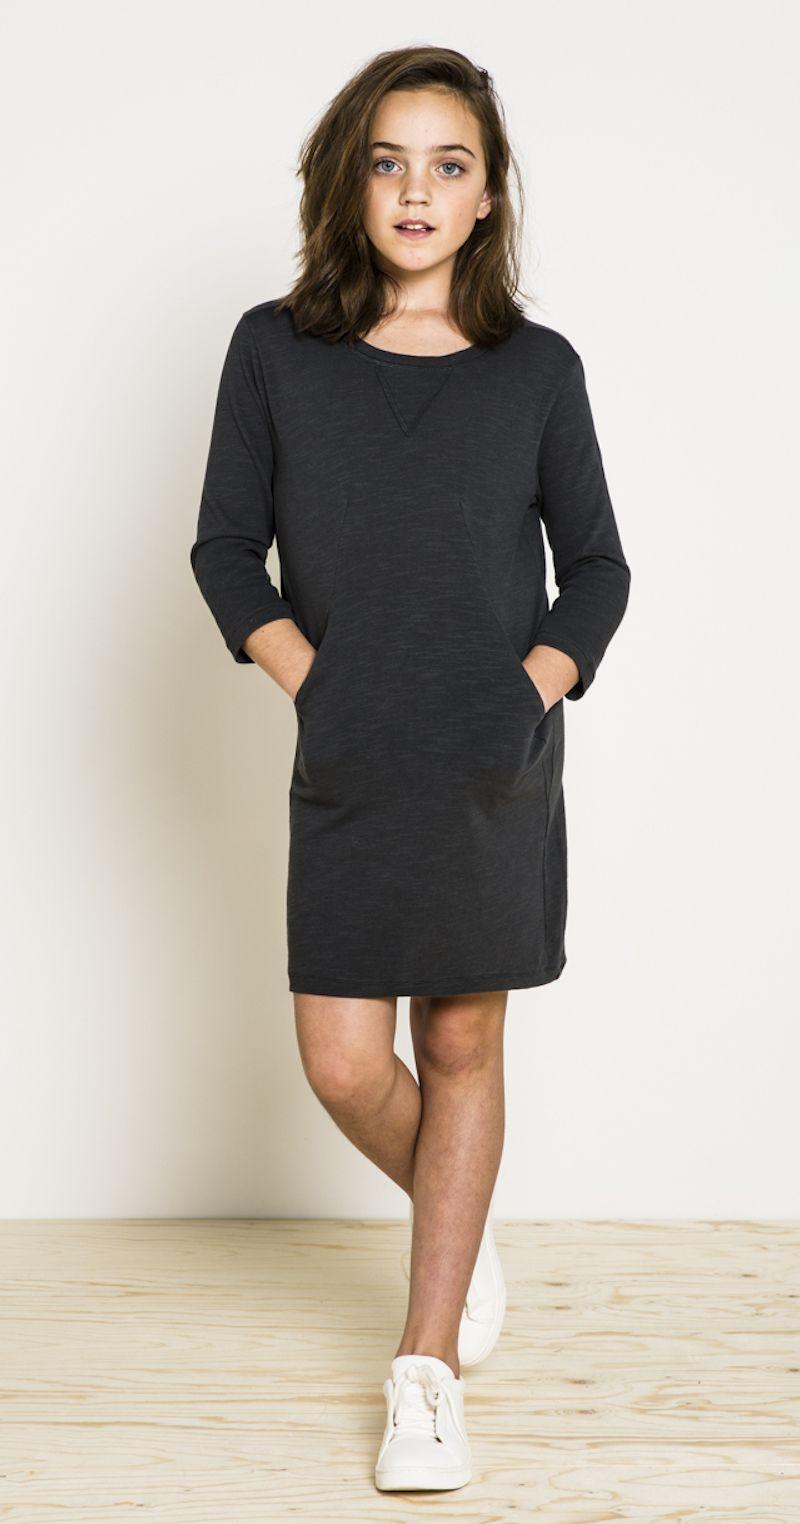 1a6a31109 Moda actual para niñas y adolescentes de by Bar verano | outfits ...